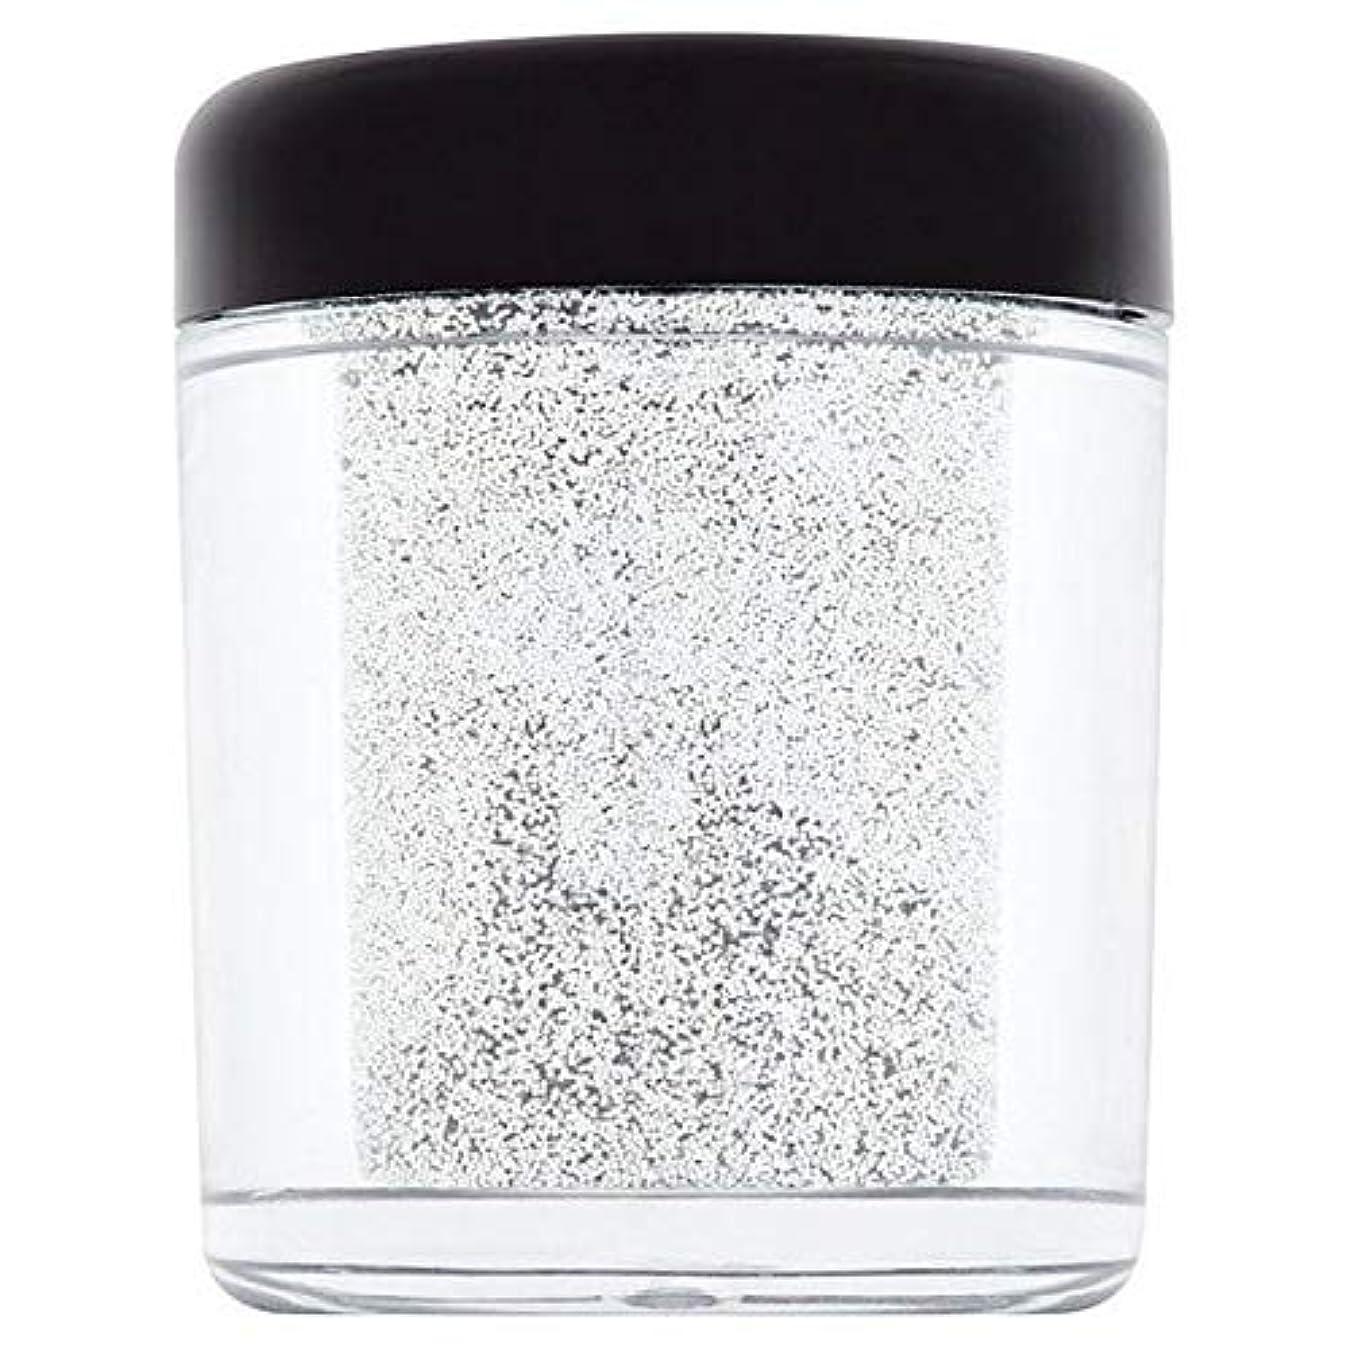 ぞっとするような花嫁浸漬[Collection ] 天使2を回収グラムの結晶は、フェイス&ボディの輝きが落ち - Collection Glam Crystals Face & Body Glitter Fallen Angel 2 [並行輸入品]